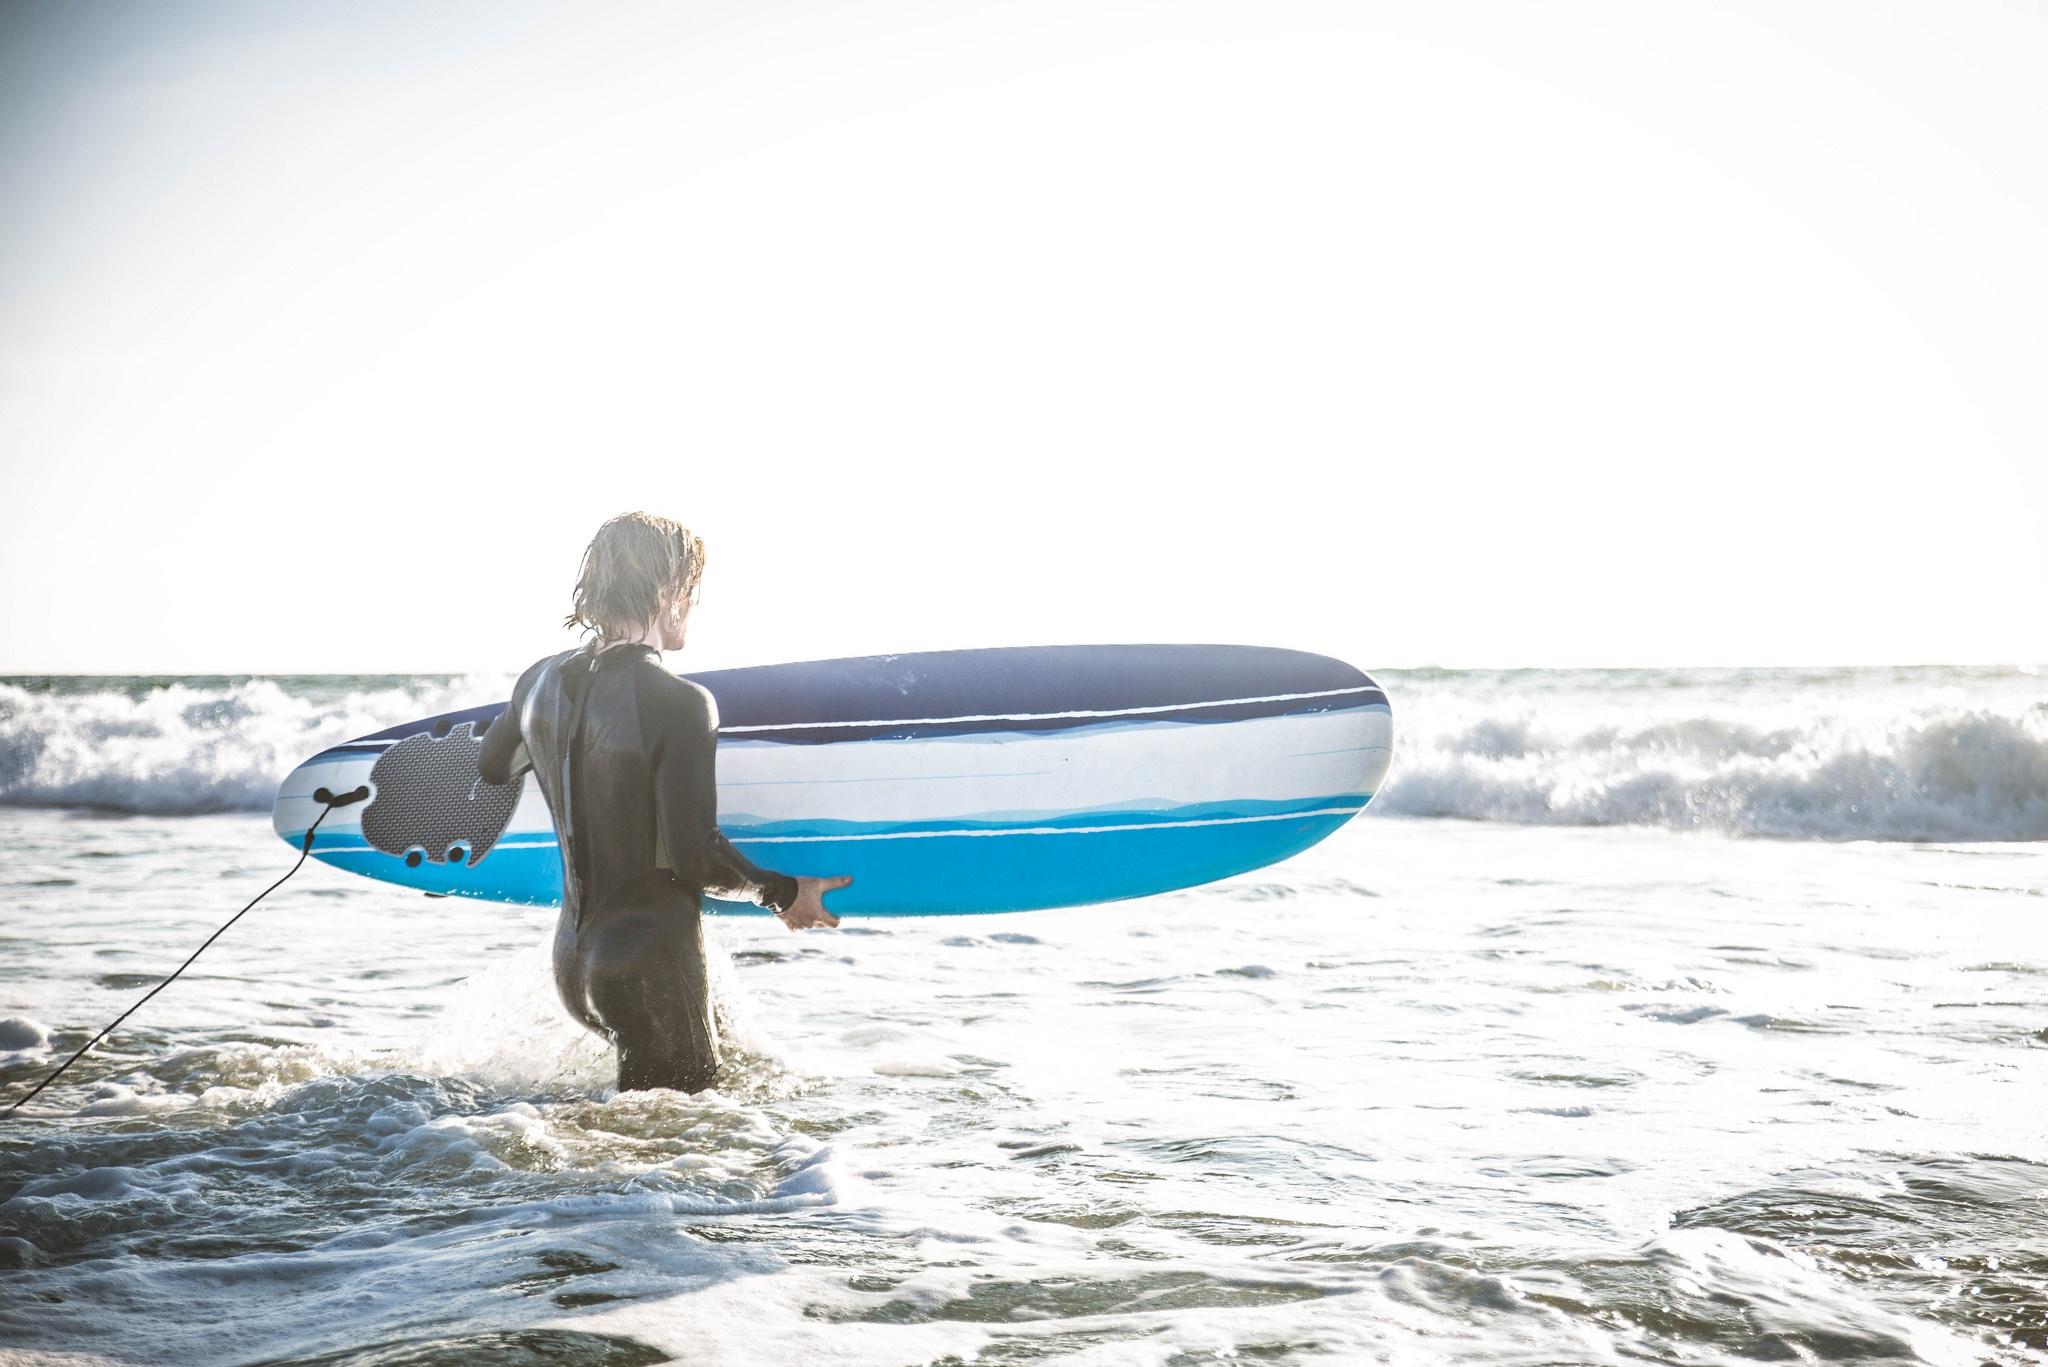 Mann am Surfen